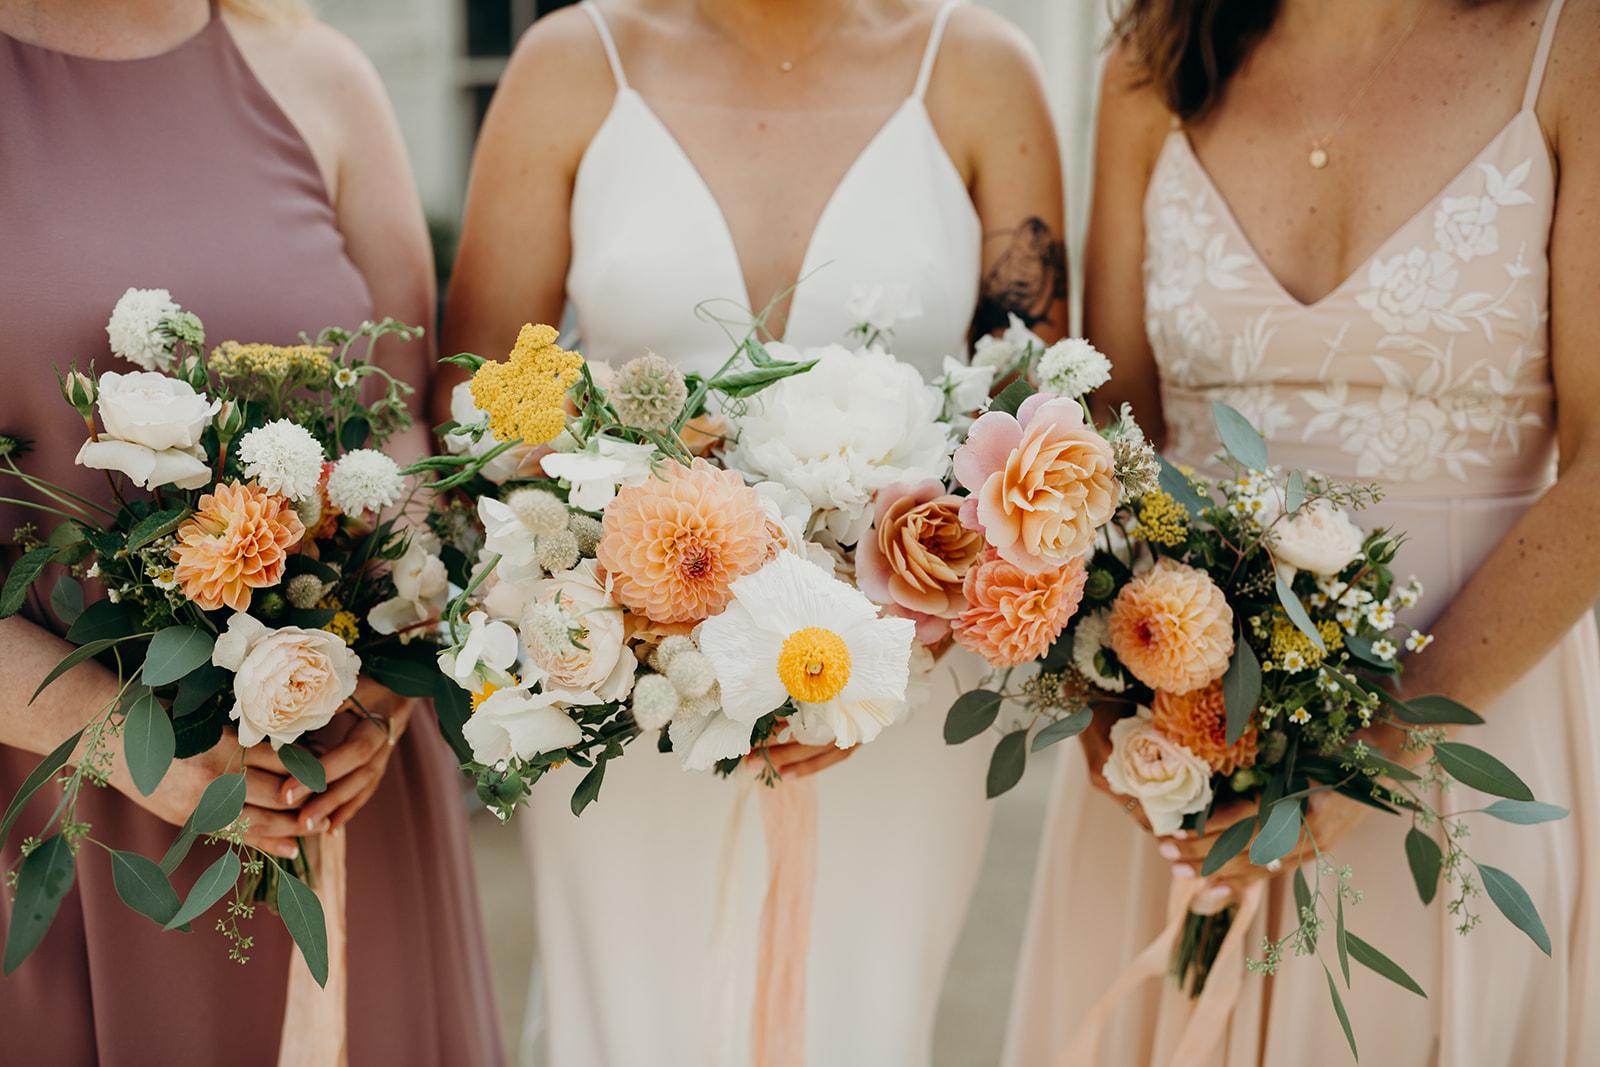 Whitney-Lauren-Headlands-Center-for-The-Arts-Wedding-411.jpg